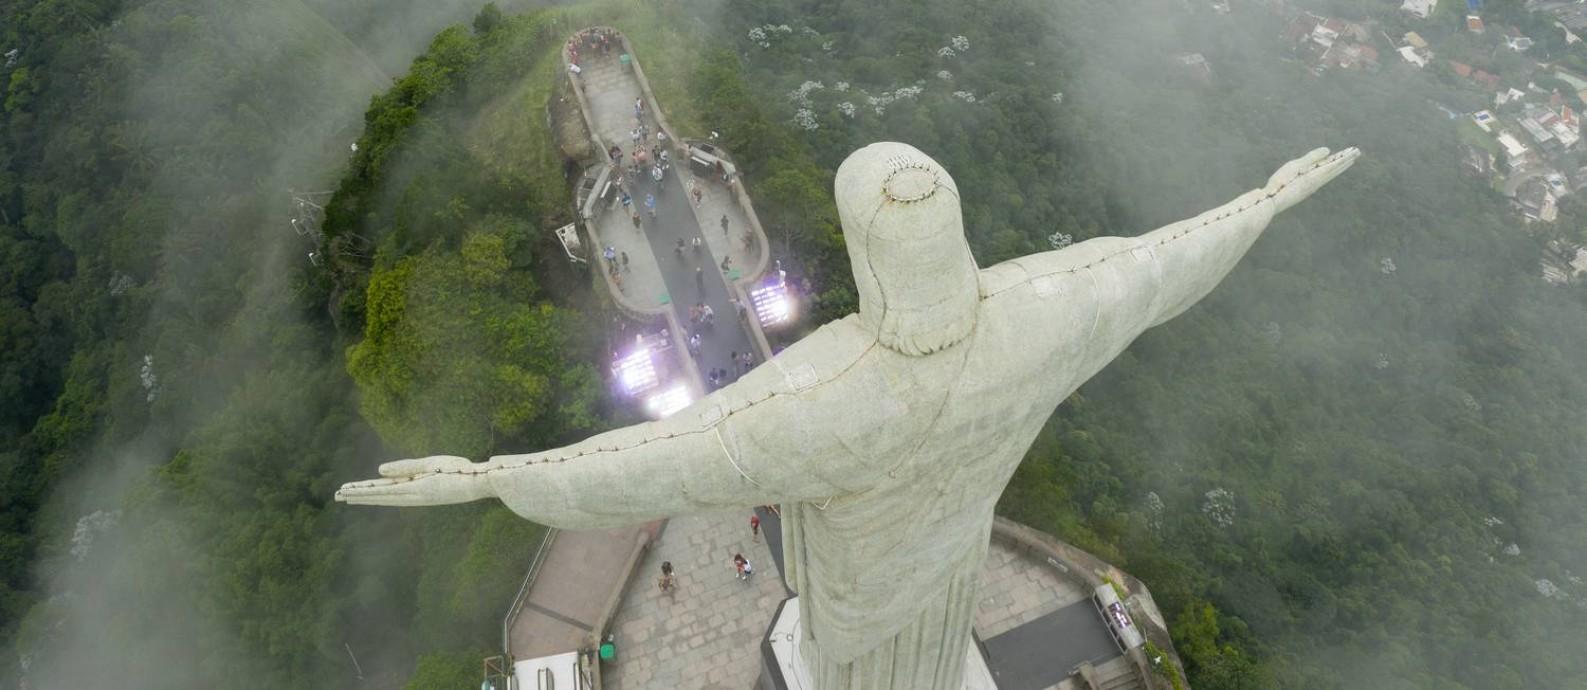 Turistas visitaram o Cristo Redentor na manhã desta terça-feira apesar de decreto para o fechamento de pontos turísticos Foto: Brenno Carvalho / Agência O Globo